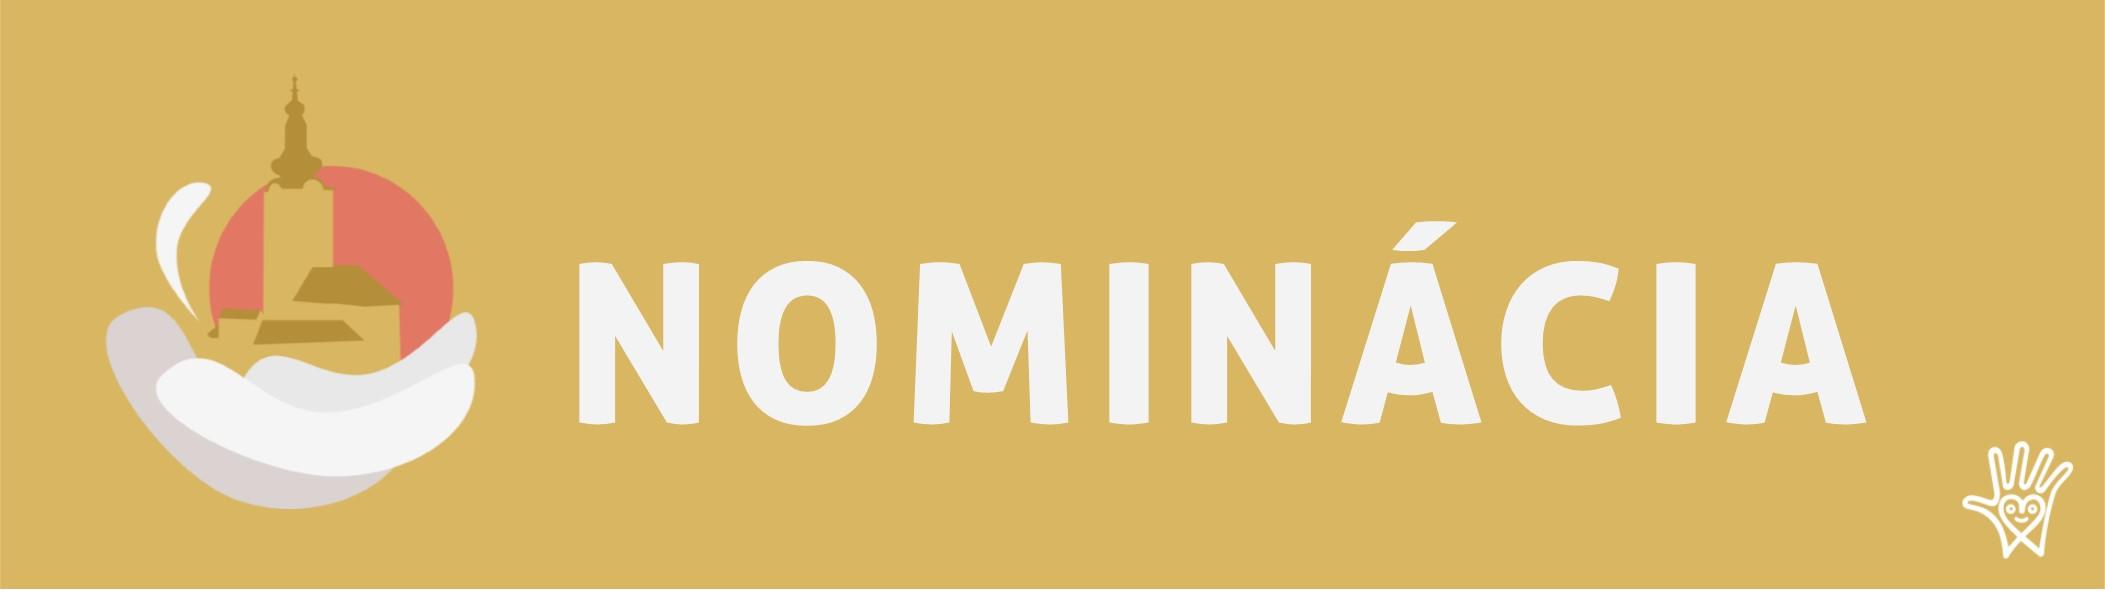 nominácia